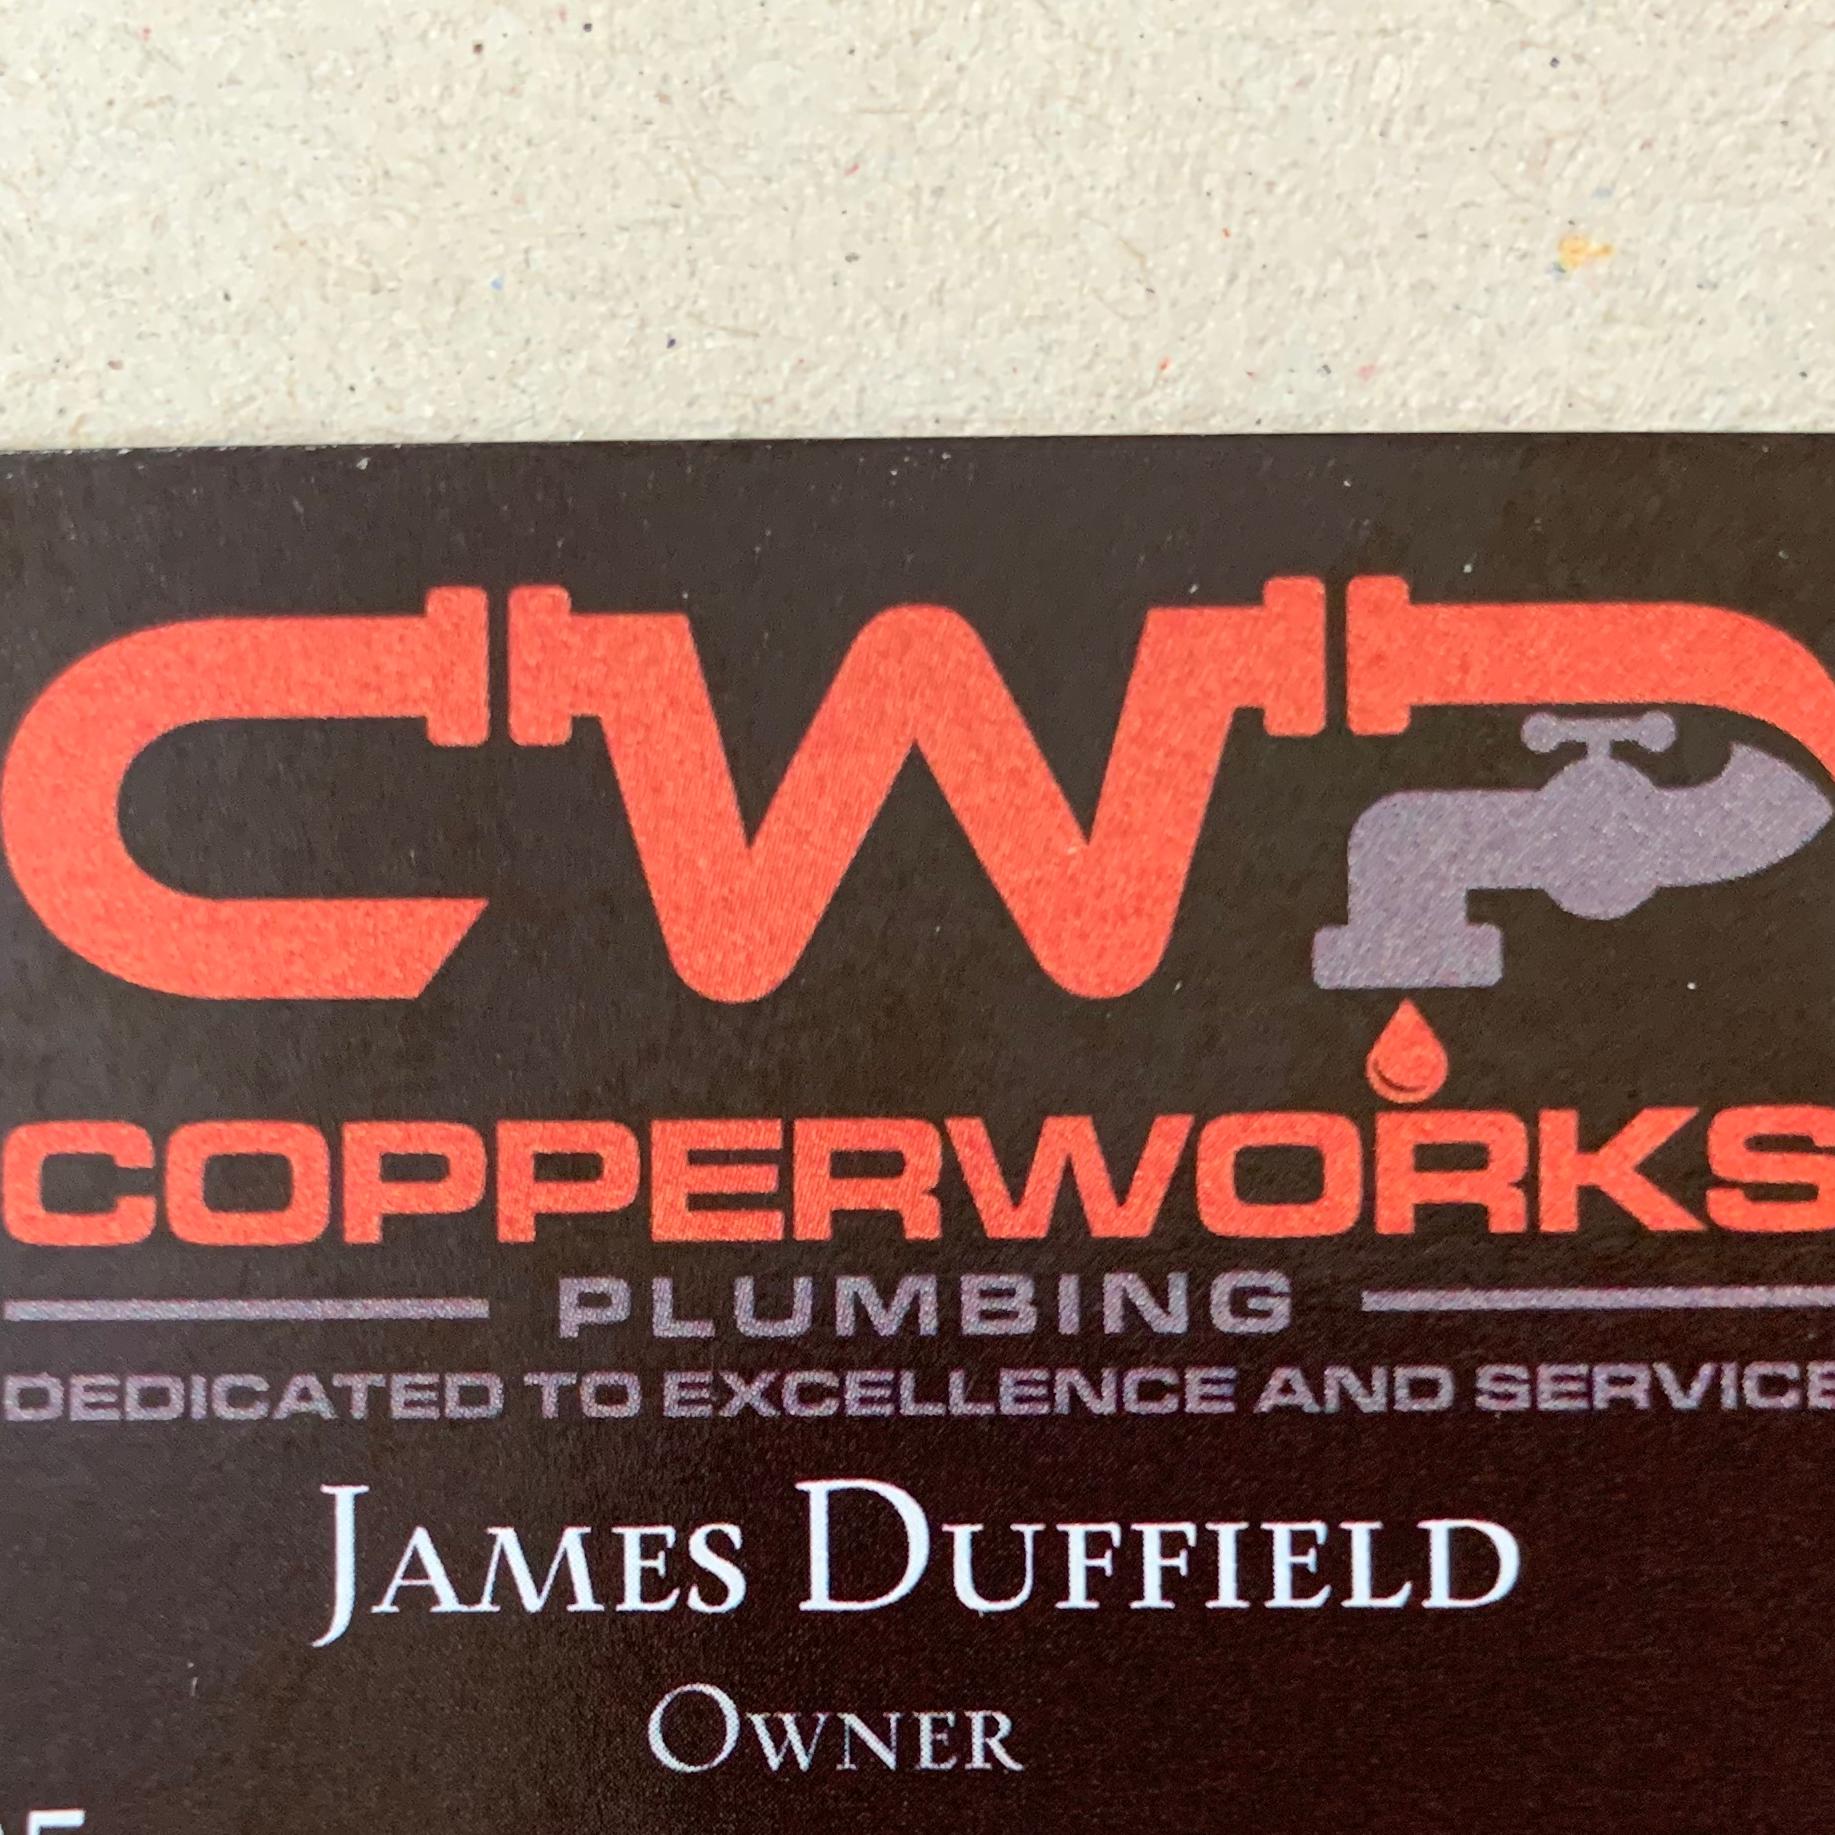 CopperWorks Plumbing LLC